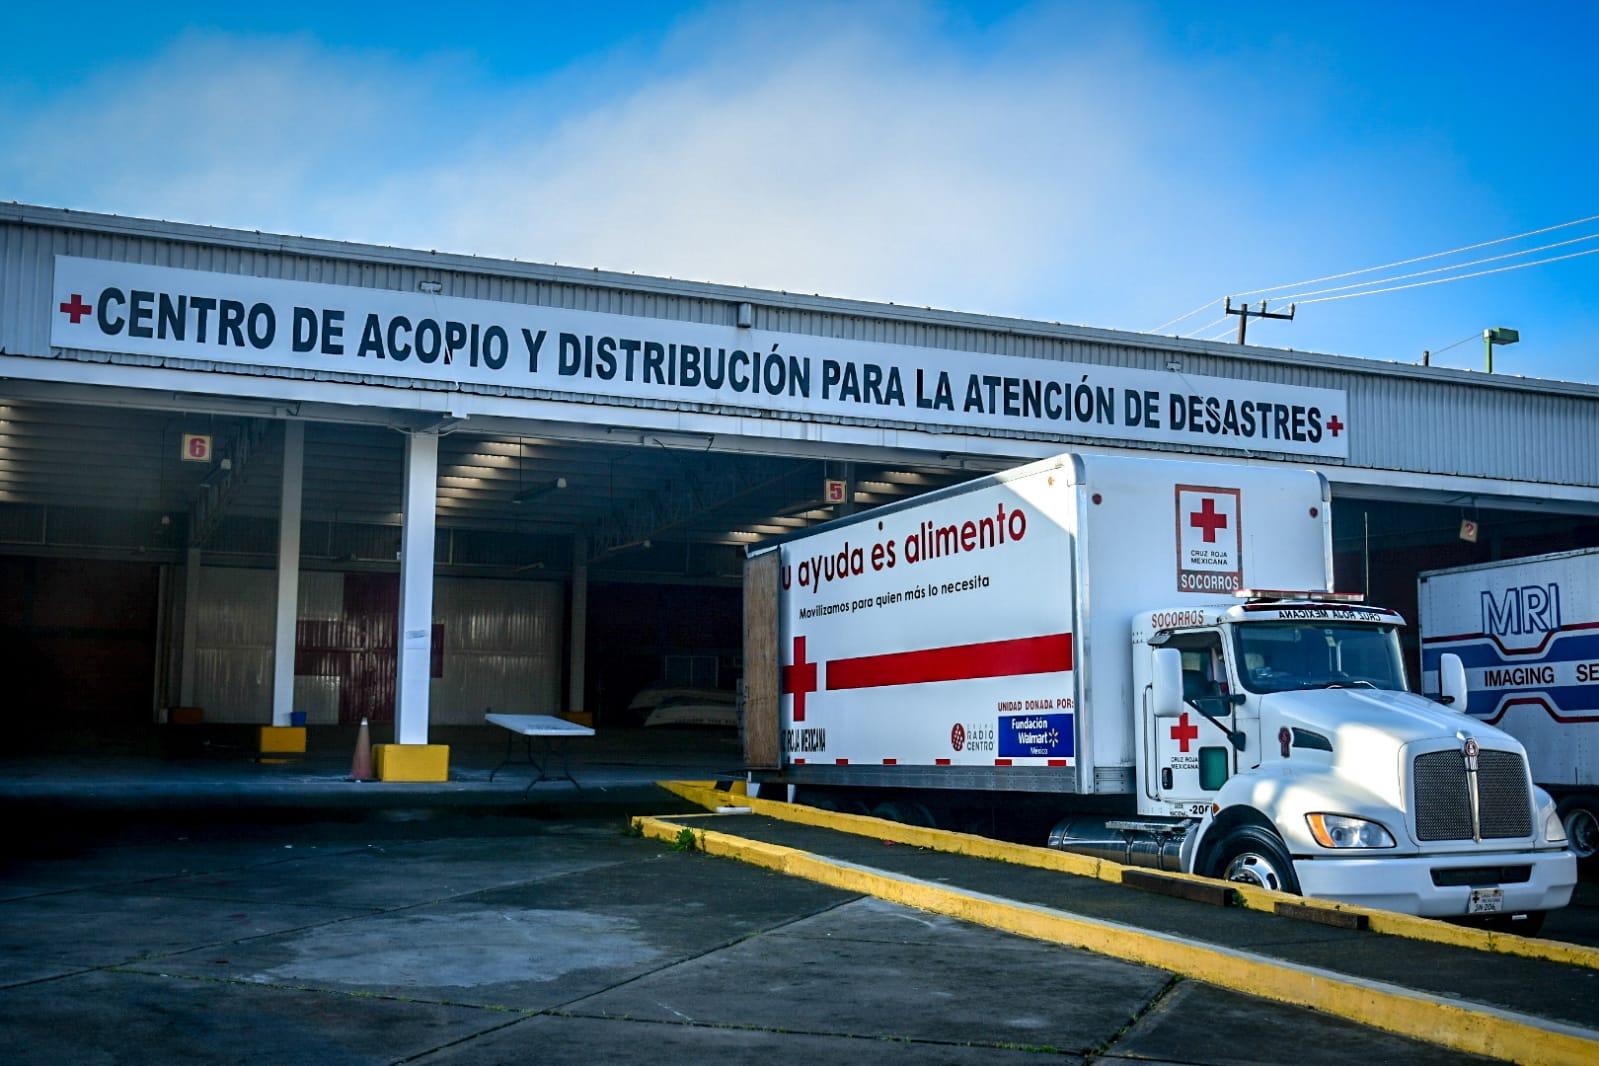 La Cruz Roja Mexicana envió cerca de 13 toneladas de ayuda humanitaria a Veracruz. Se destinarán a afectados en Poza Rica y Tecolutla.